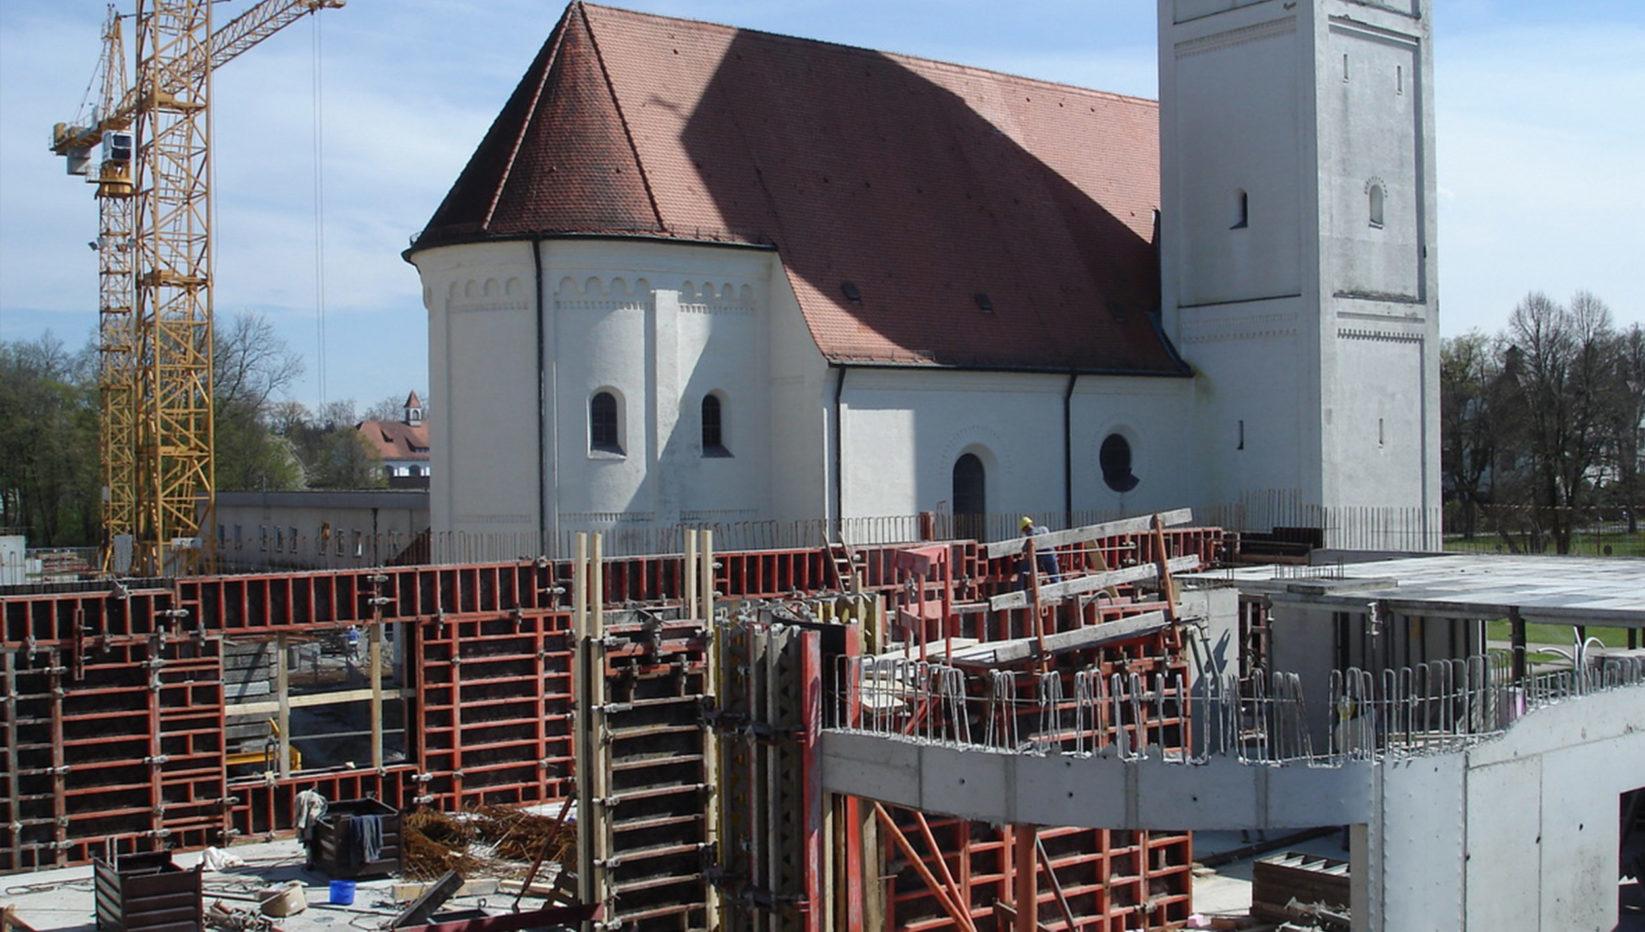 Vorne im Bild ist der Rohbau der Psychiatrie in München zu sehen, dahinter links ein Kran der Brunner + Co Baugesellschaft mbH und rechts eine Kirche mit rotem Dach.